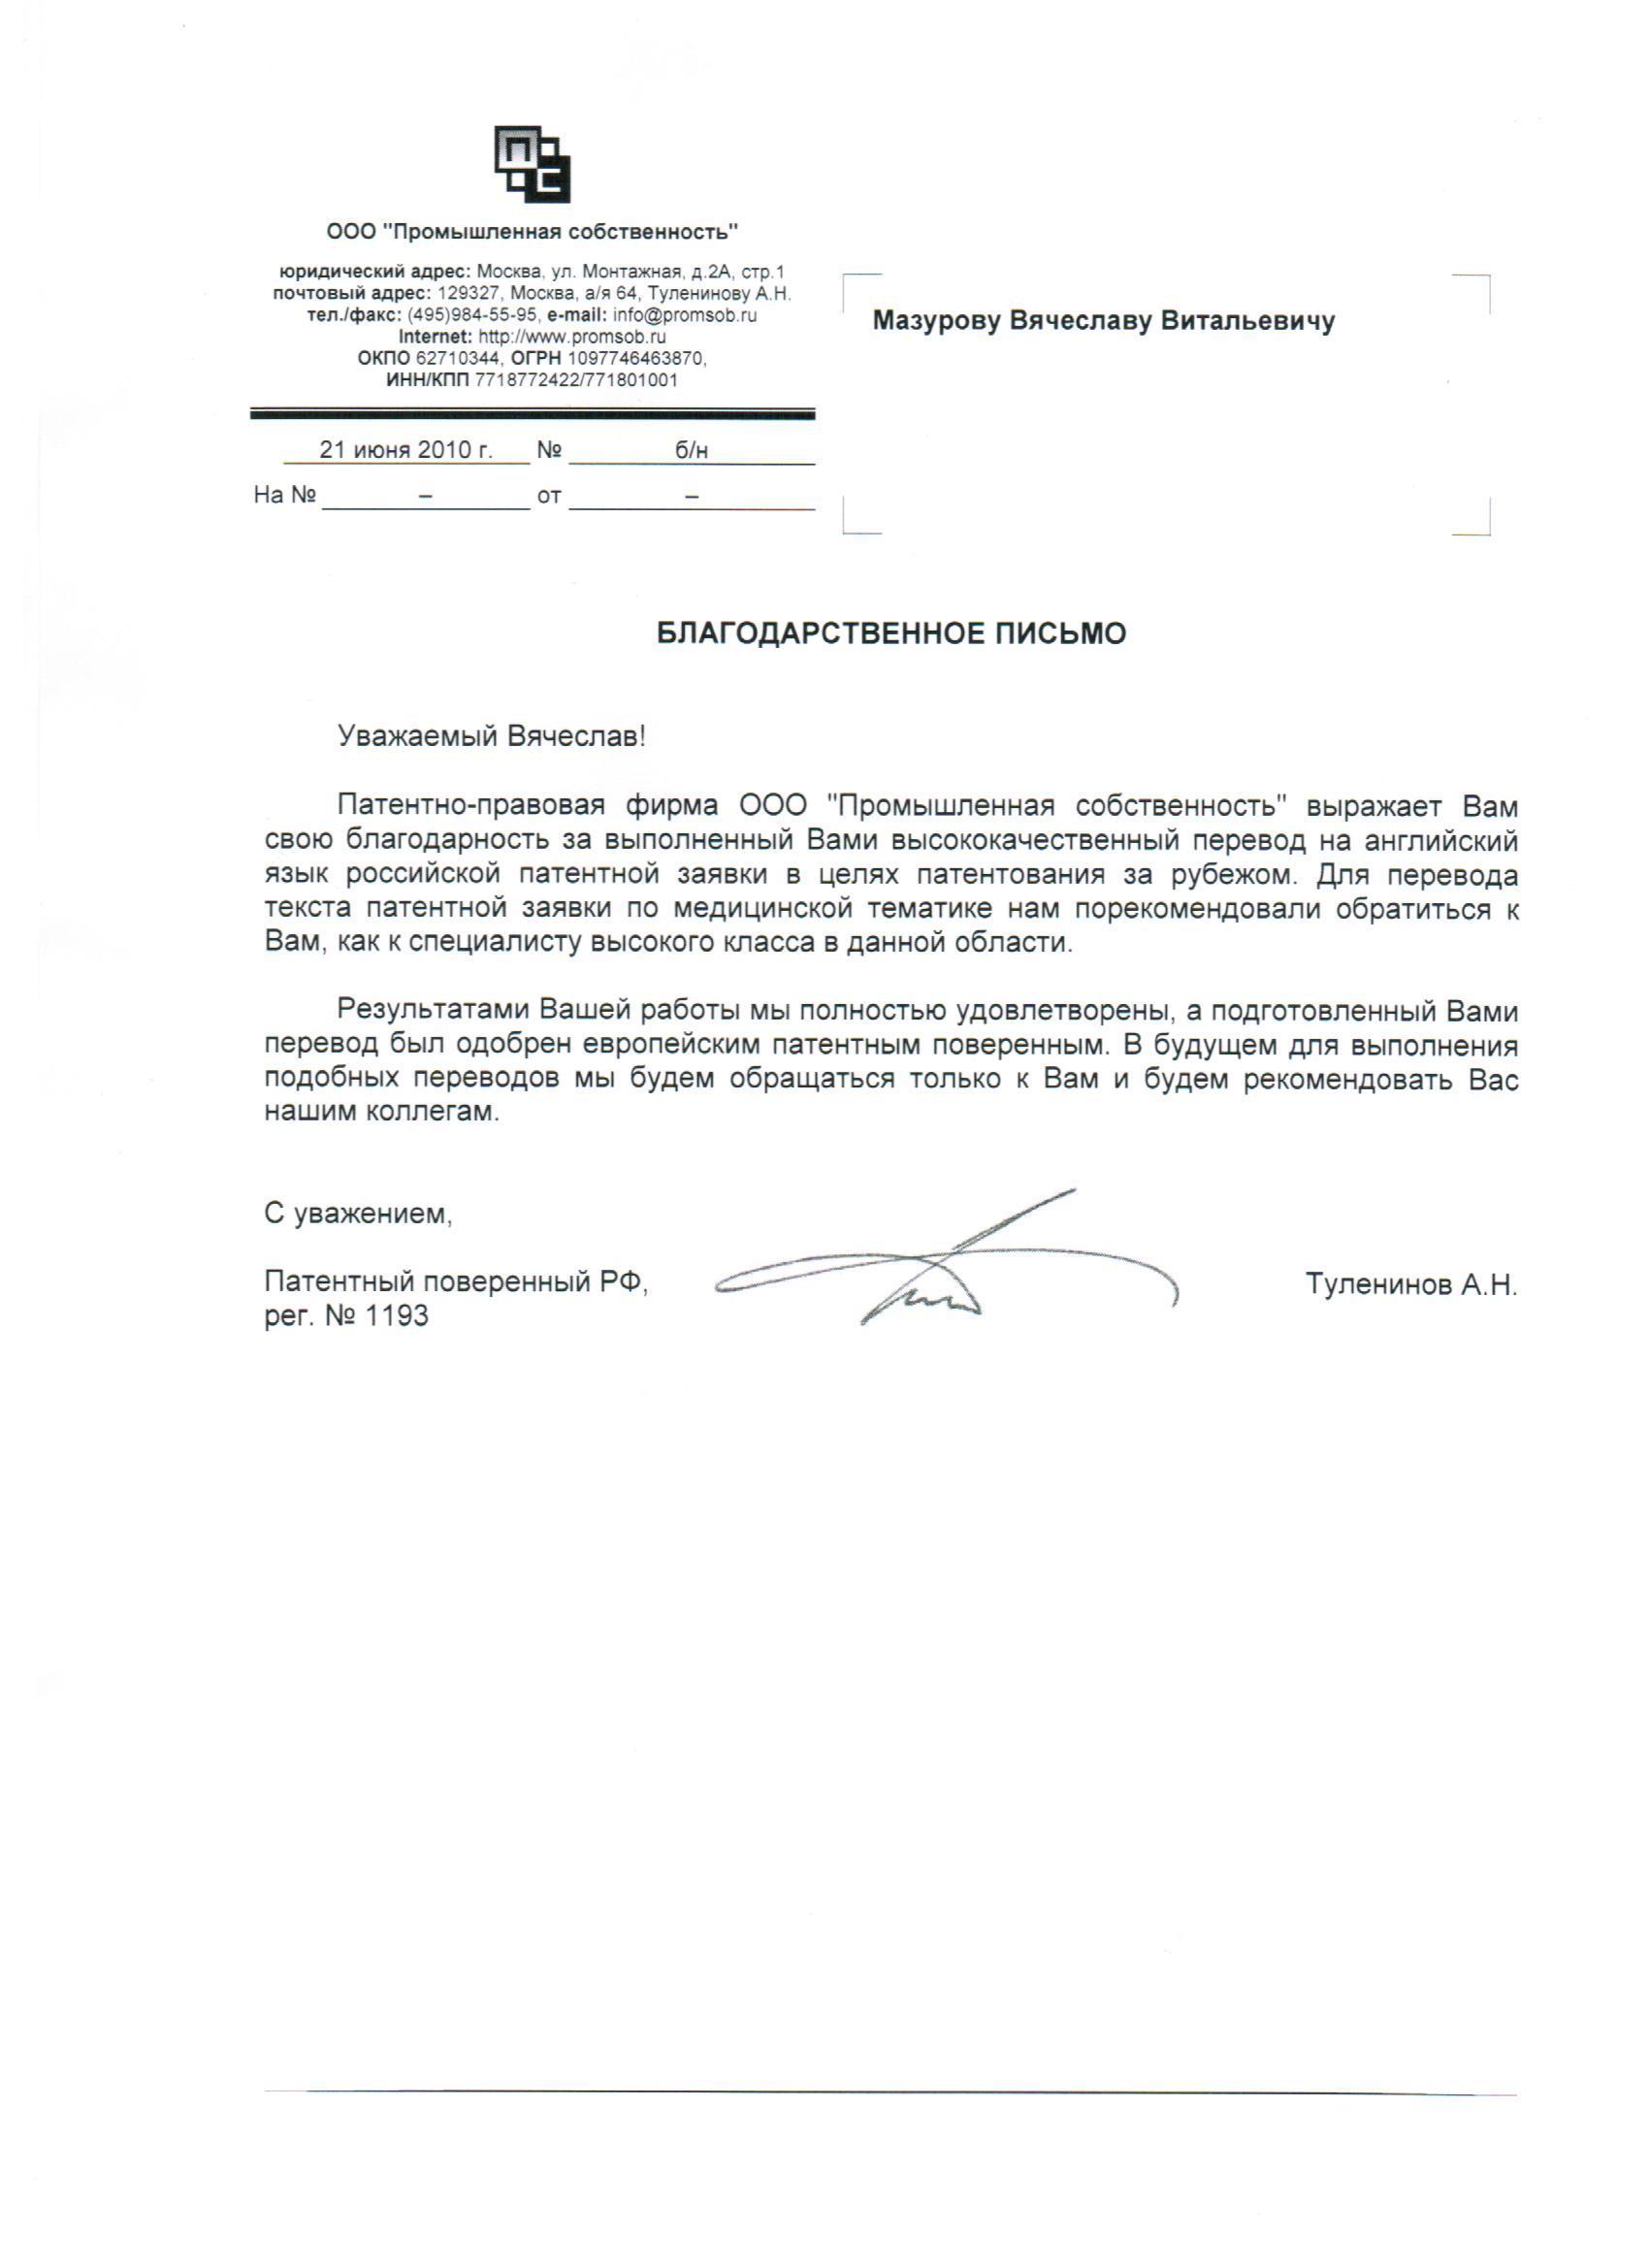 сертифицированный перевод легализованный перевод с апостилем  сертифицированный перевод легализованный перевод с апостилем перевод с консульской легализацией нотариальный перевод документов нотариальное заверение